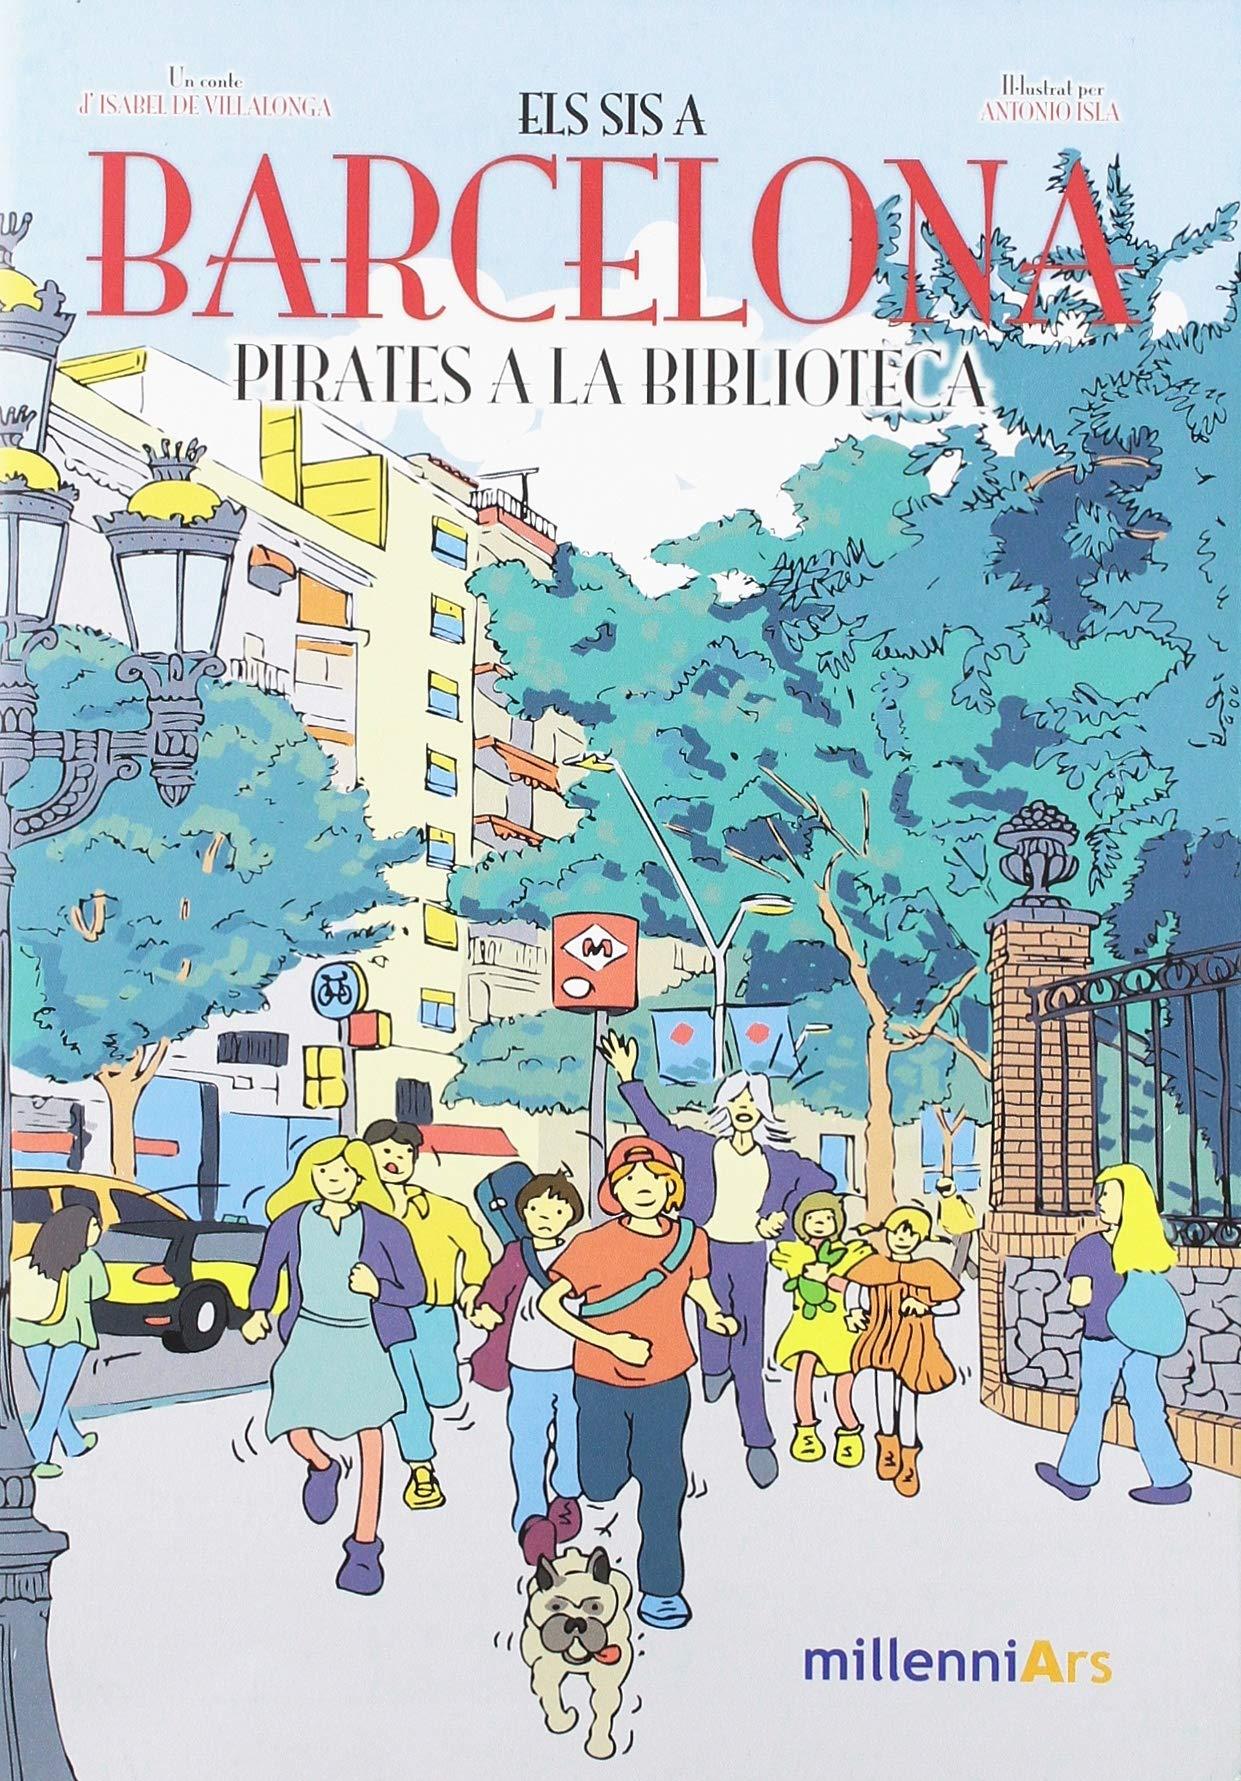 Pirates a la biblioteca: Amazon.es: De Villalonga, Isabel, De Villalonga, Isabel: Libros